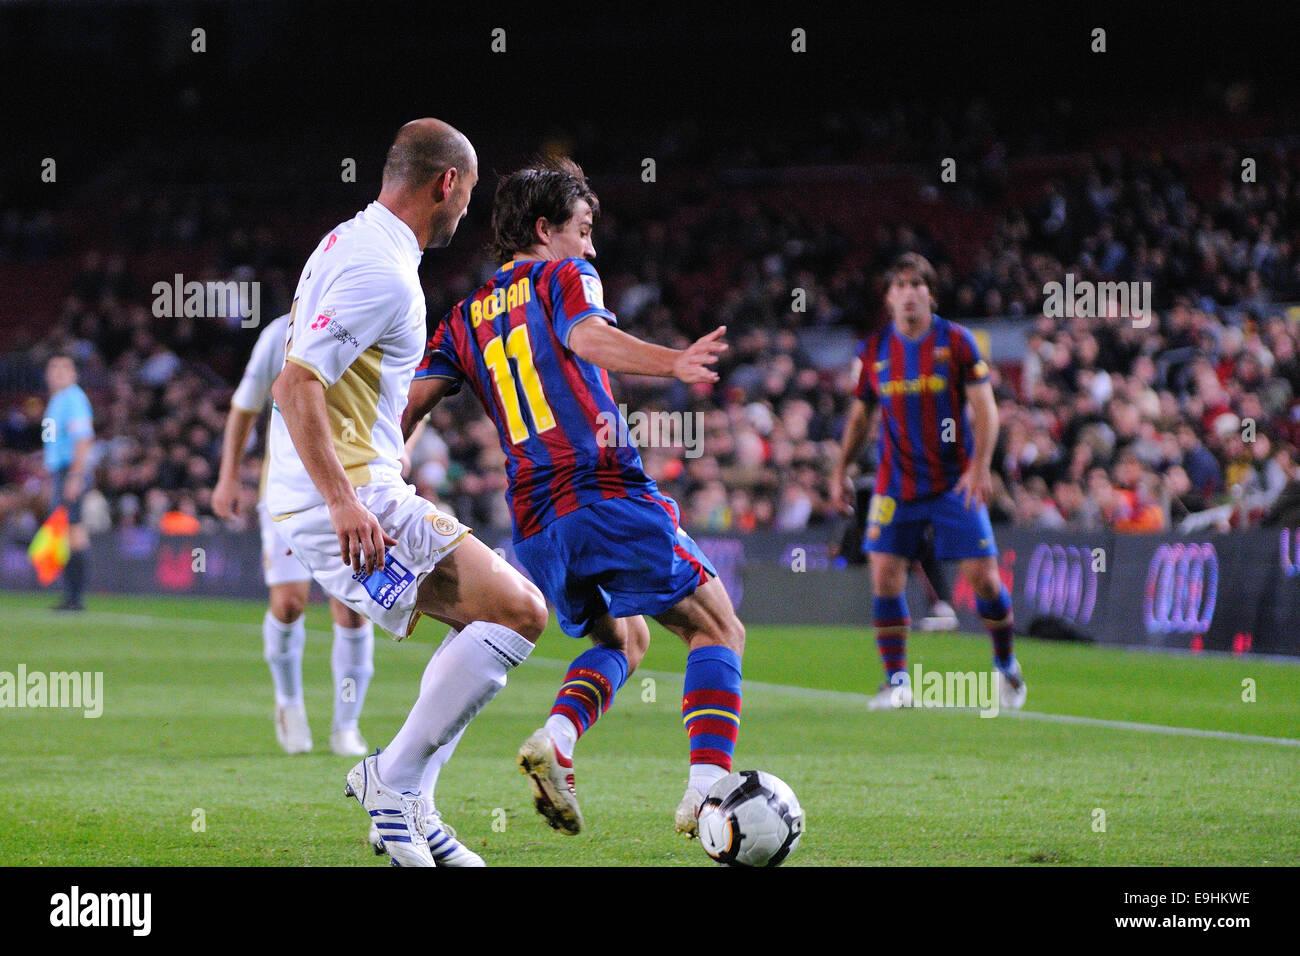 BARCELONA - NOV 10: Bojan Krkic, F.C Barcelona player, plays against Cultural Leonesa at the Camp Nou Stadium on - Stock Image